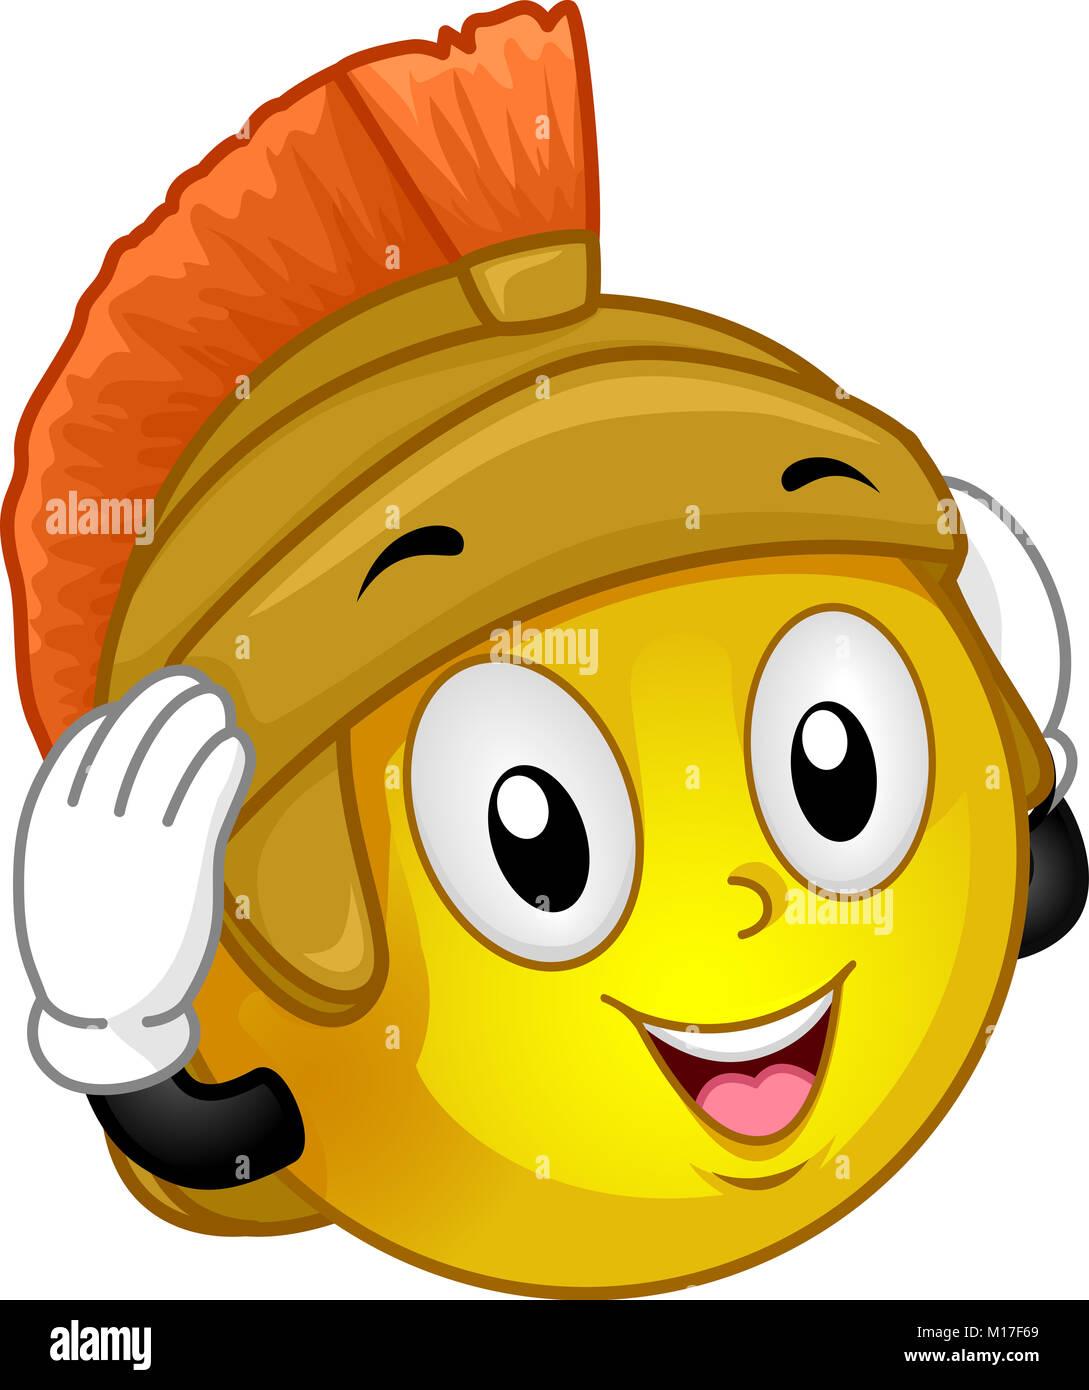 Ilustración de una mascota sonriente vistiendo un soldado romano tocado  Imagen De Stock 69ab2976278